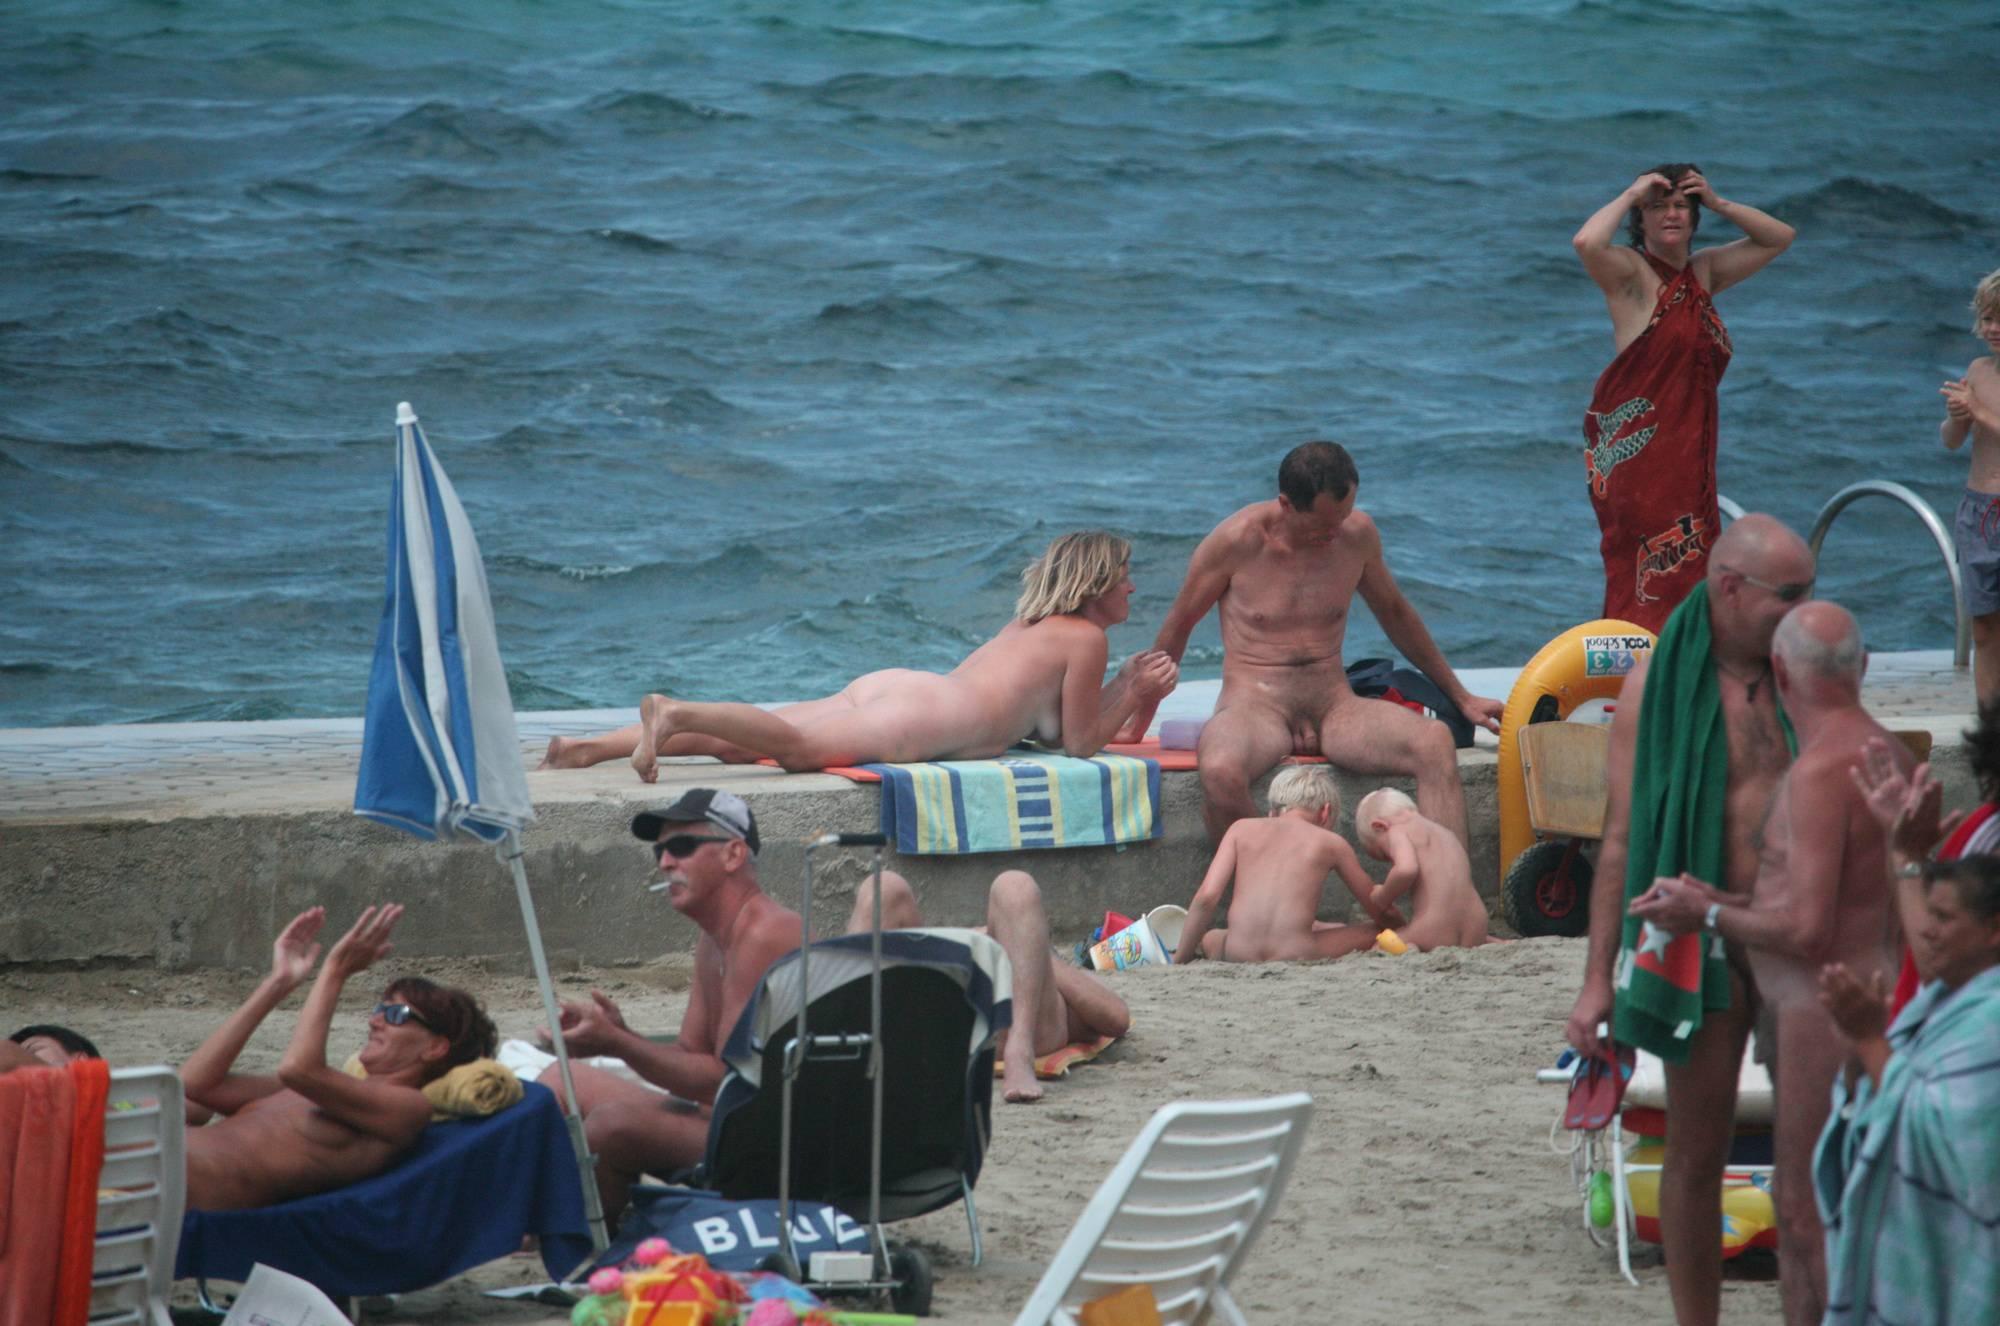 Pier Sand Square Bathers - 1